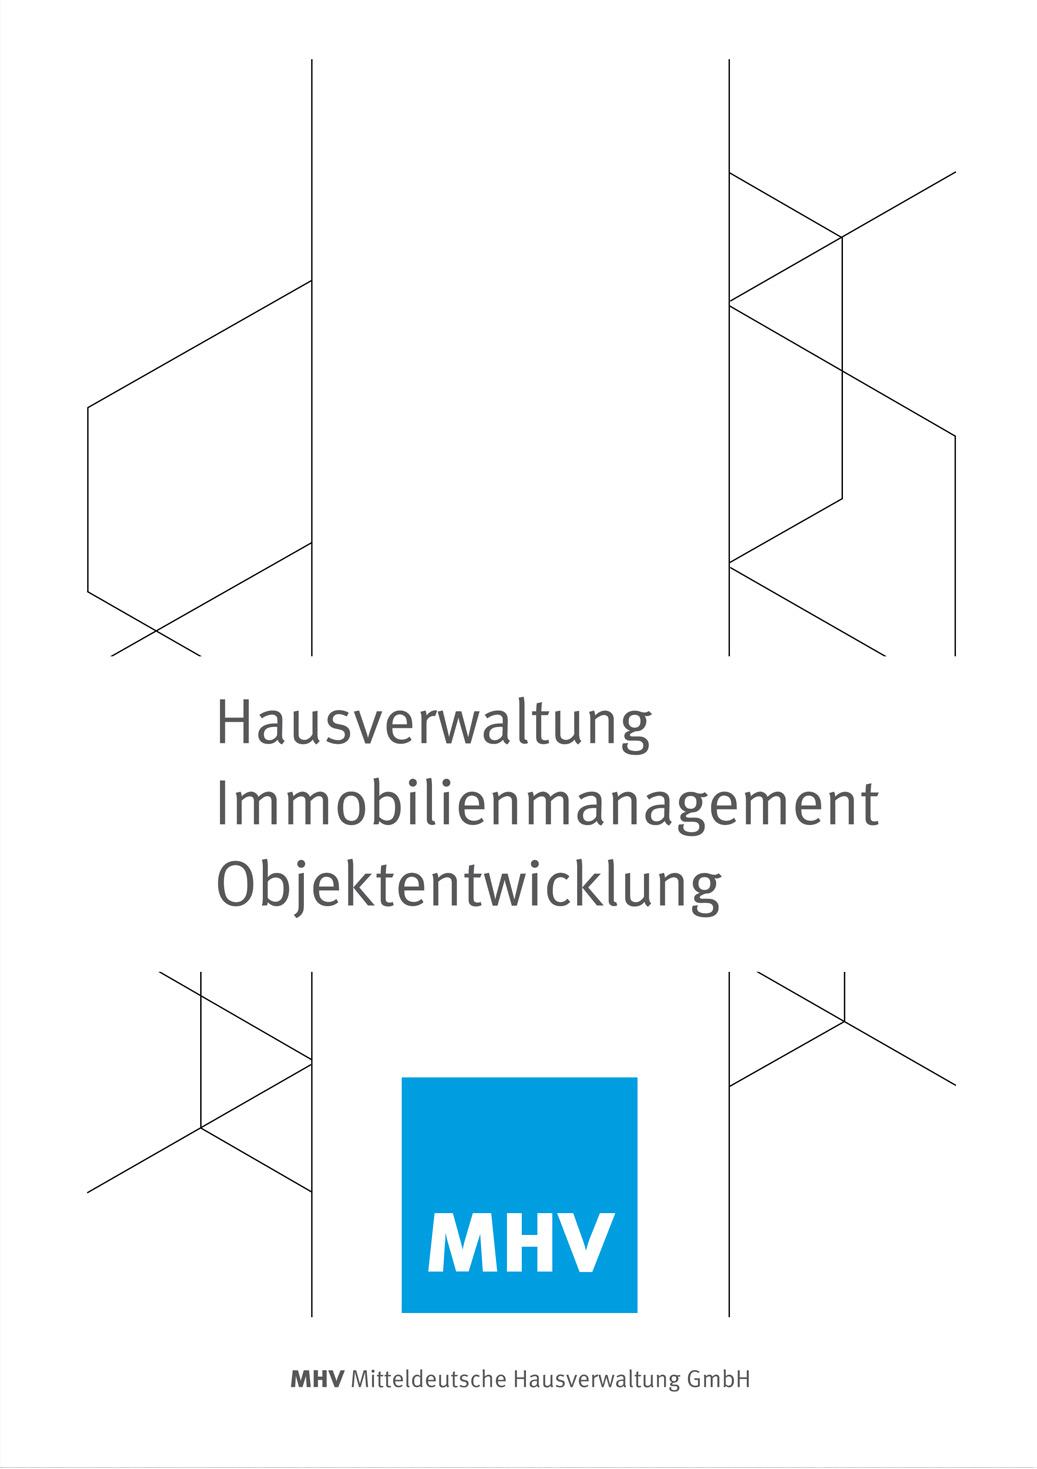 Über  Uns - MHV - Mitteldeutsche Hausverwaltung GmbH